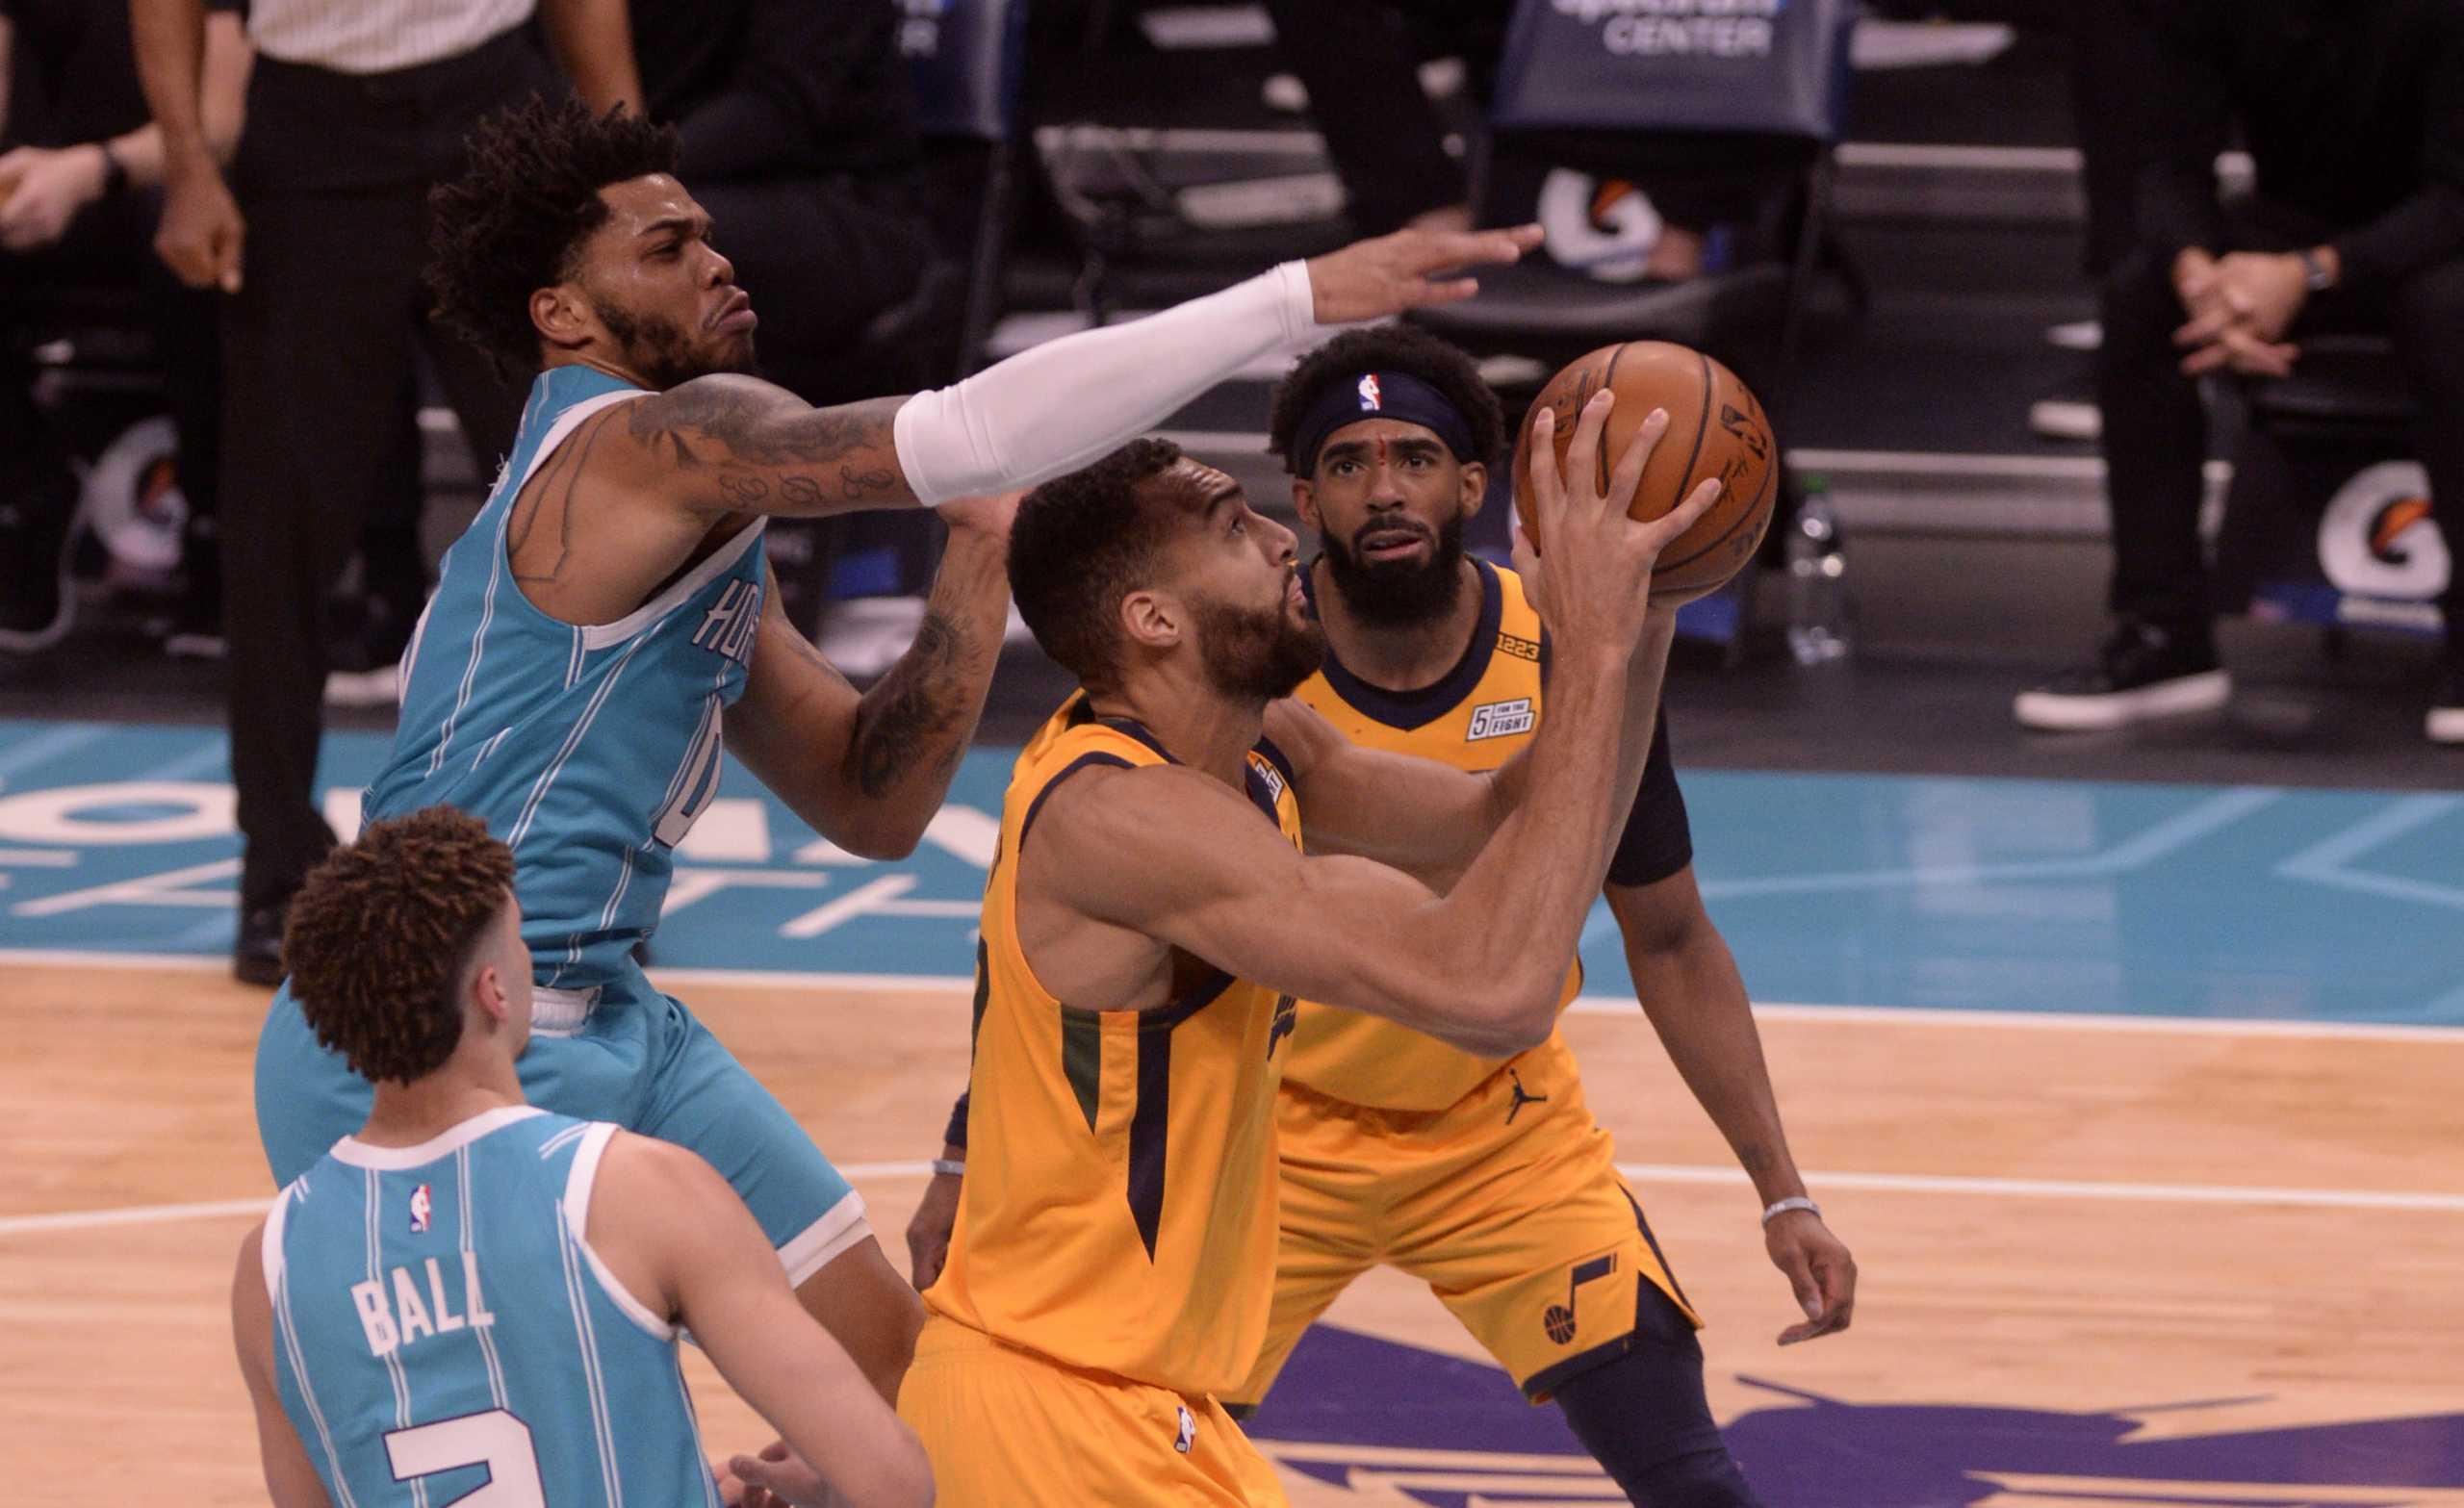 Ασταμάτητοι οι Γιούτα Τζαζ πέρασαν κι από την Ιντιάνα – Τα αποτελέσματα στο NBA (videos)